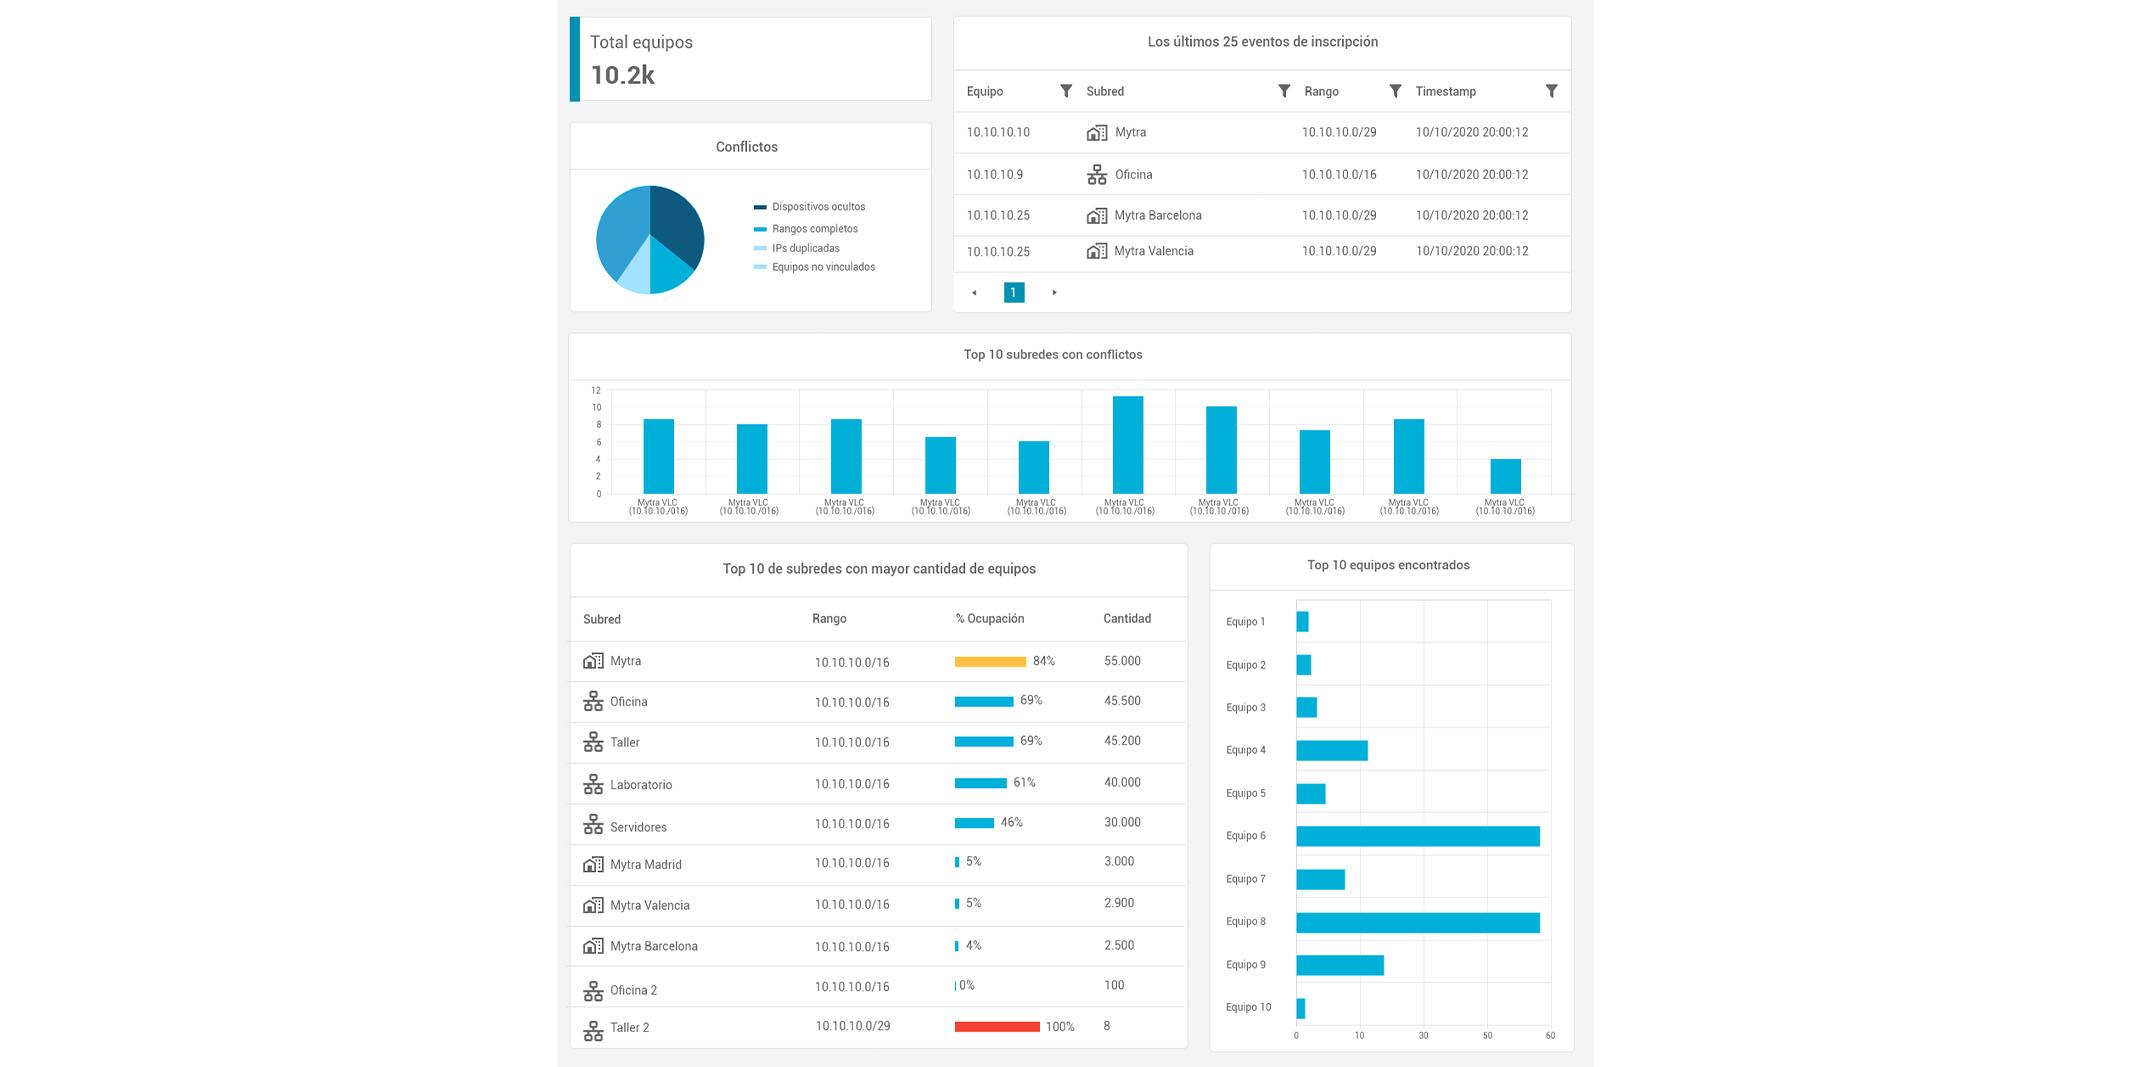 Ejemplo de visualización de datos en una pantalla tipo Dashboard.